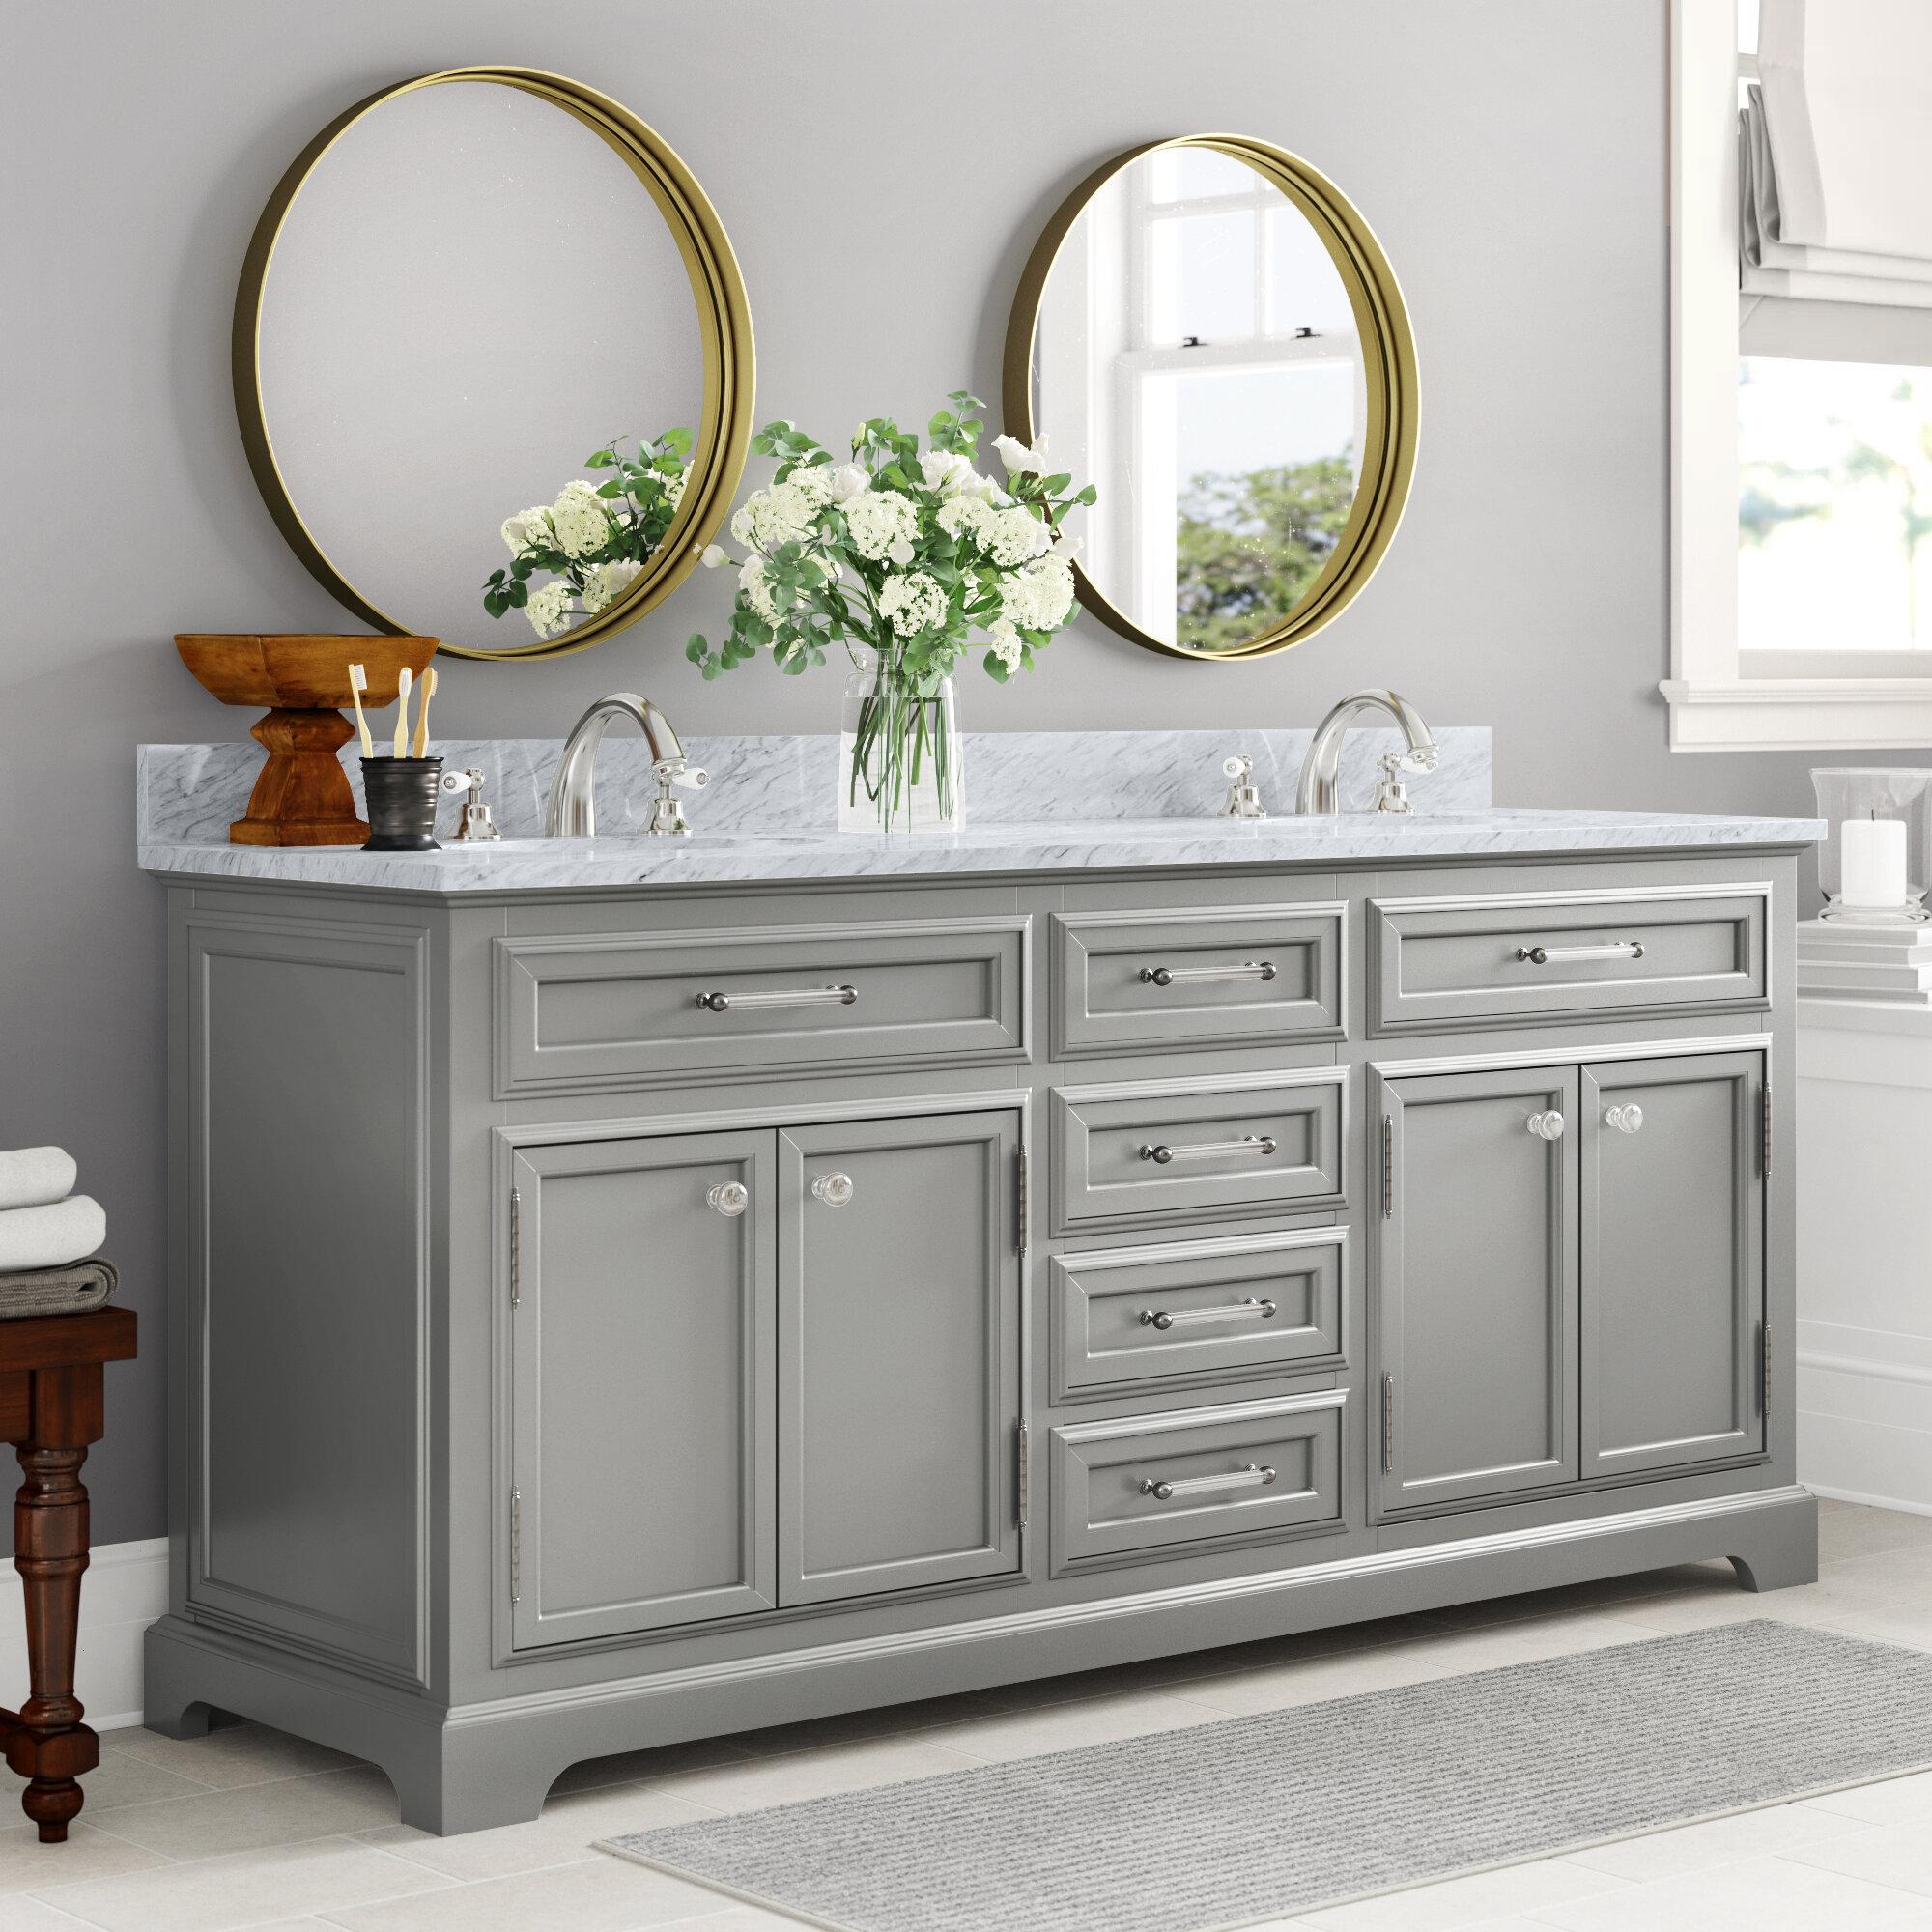 Three Posts Dovercourt 72 Double Bathroom Vanity Set Reviews